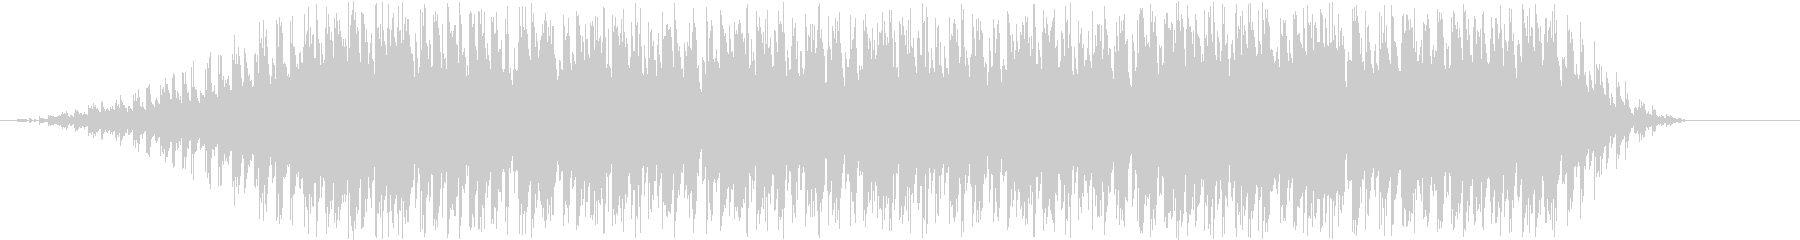 おしゃれなクラブ系ピアノBGMの未再生の波形